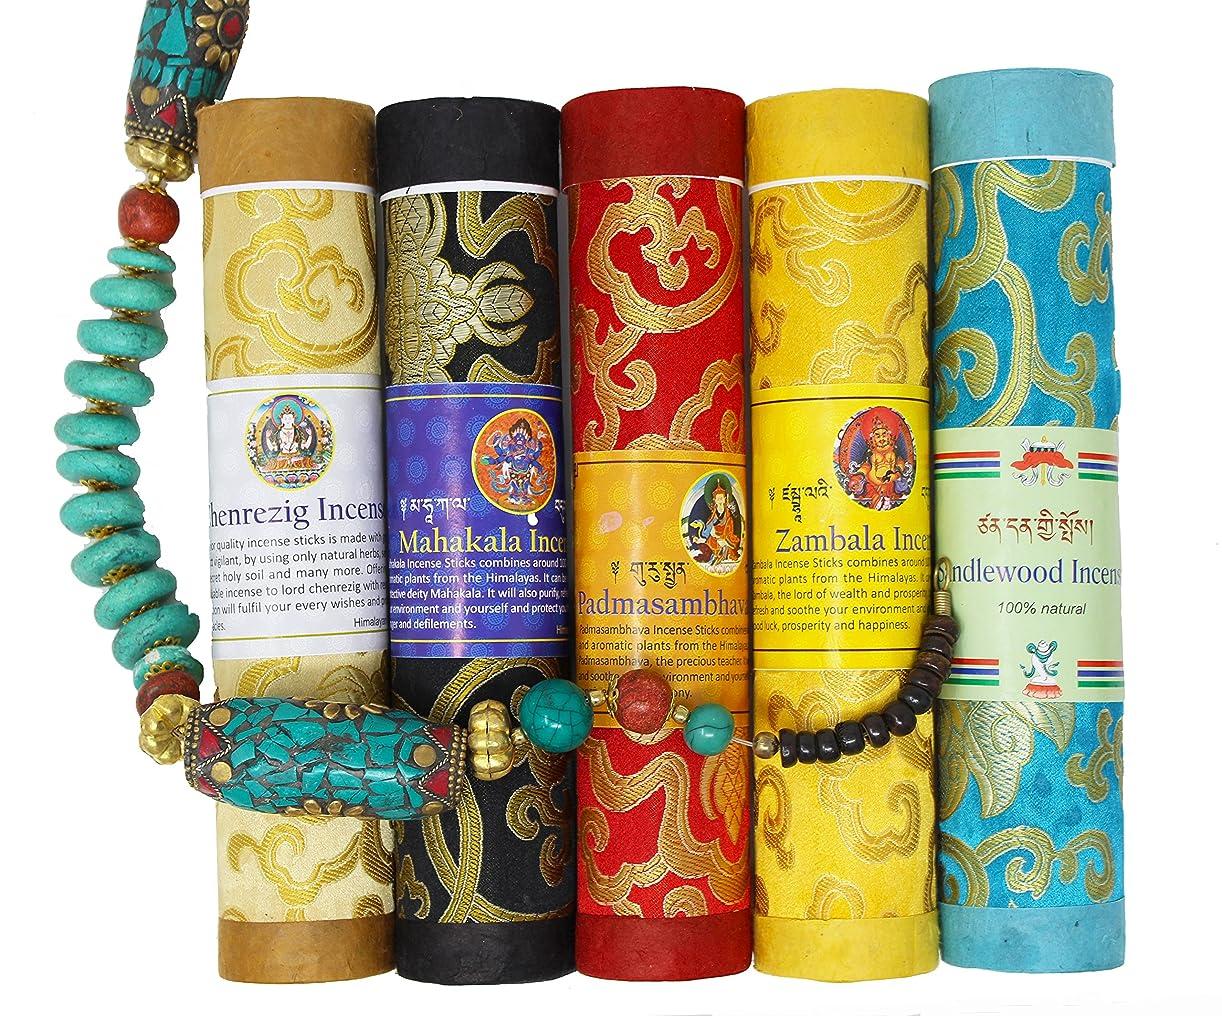 アラバマ抗議父方のjuccini Tibetan Incense Sticks ~ Spiritual Healing Hand Rolled Incense Made from Organic Himalayan Herbs